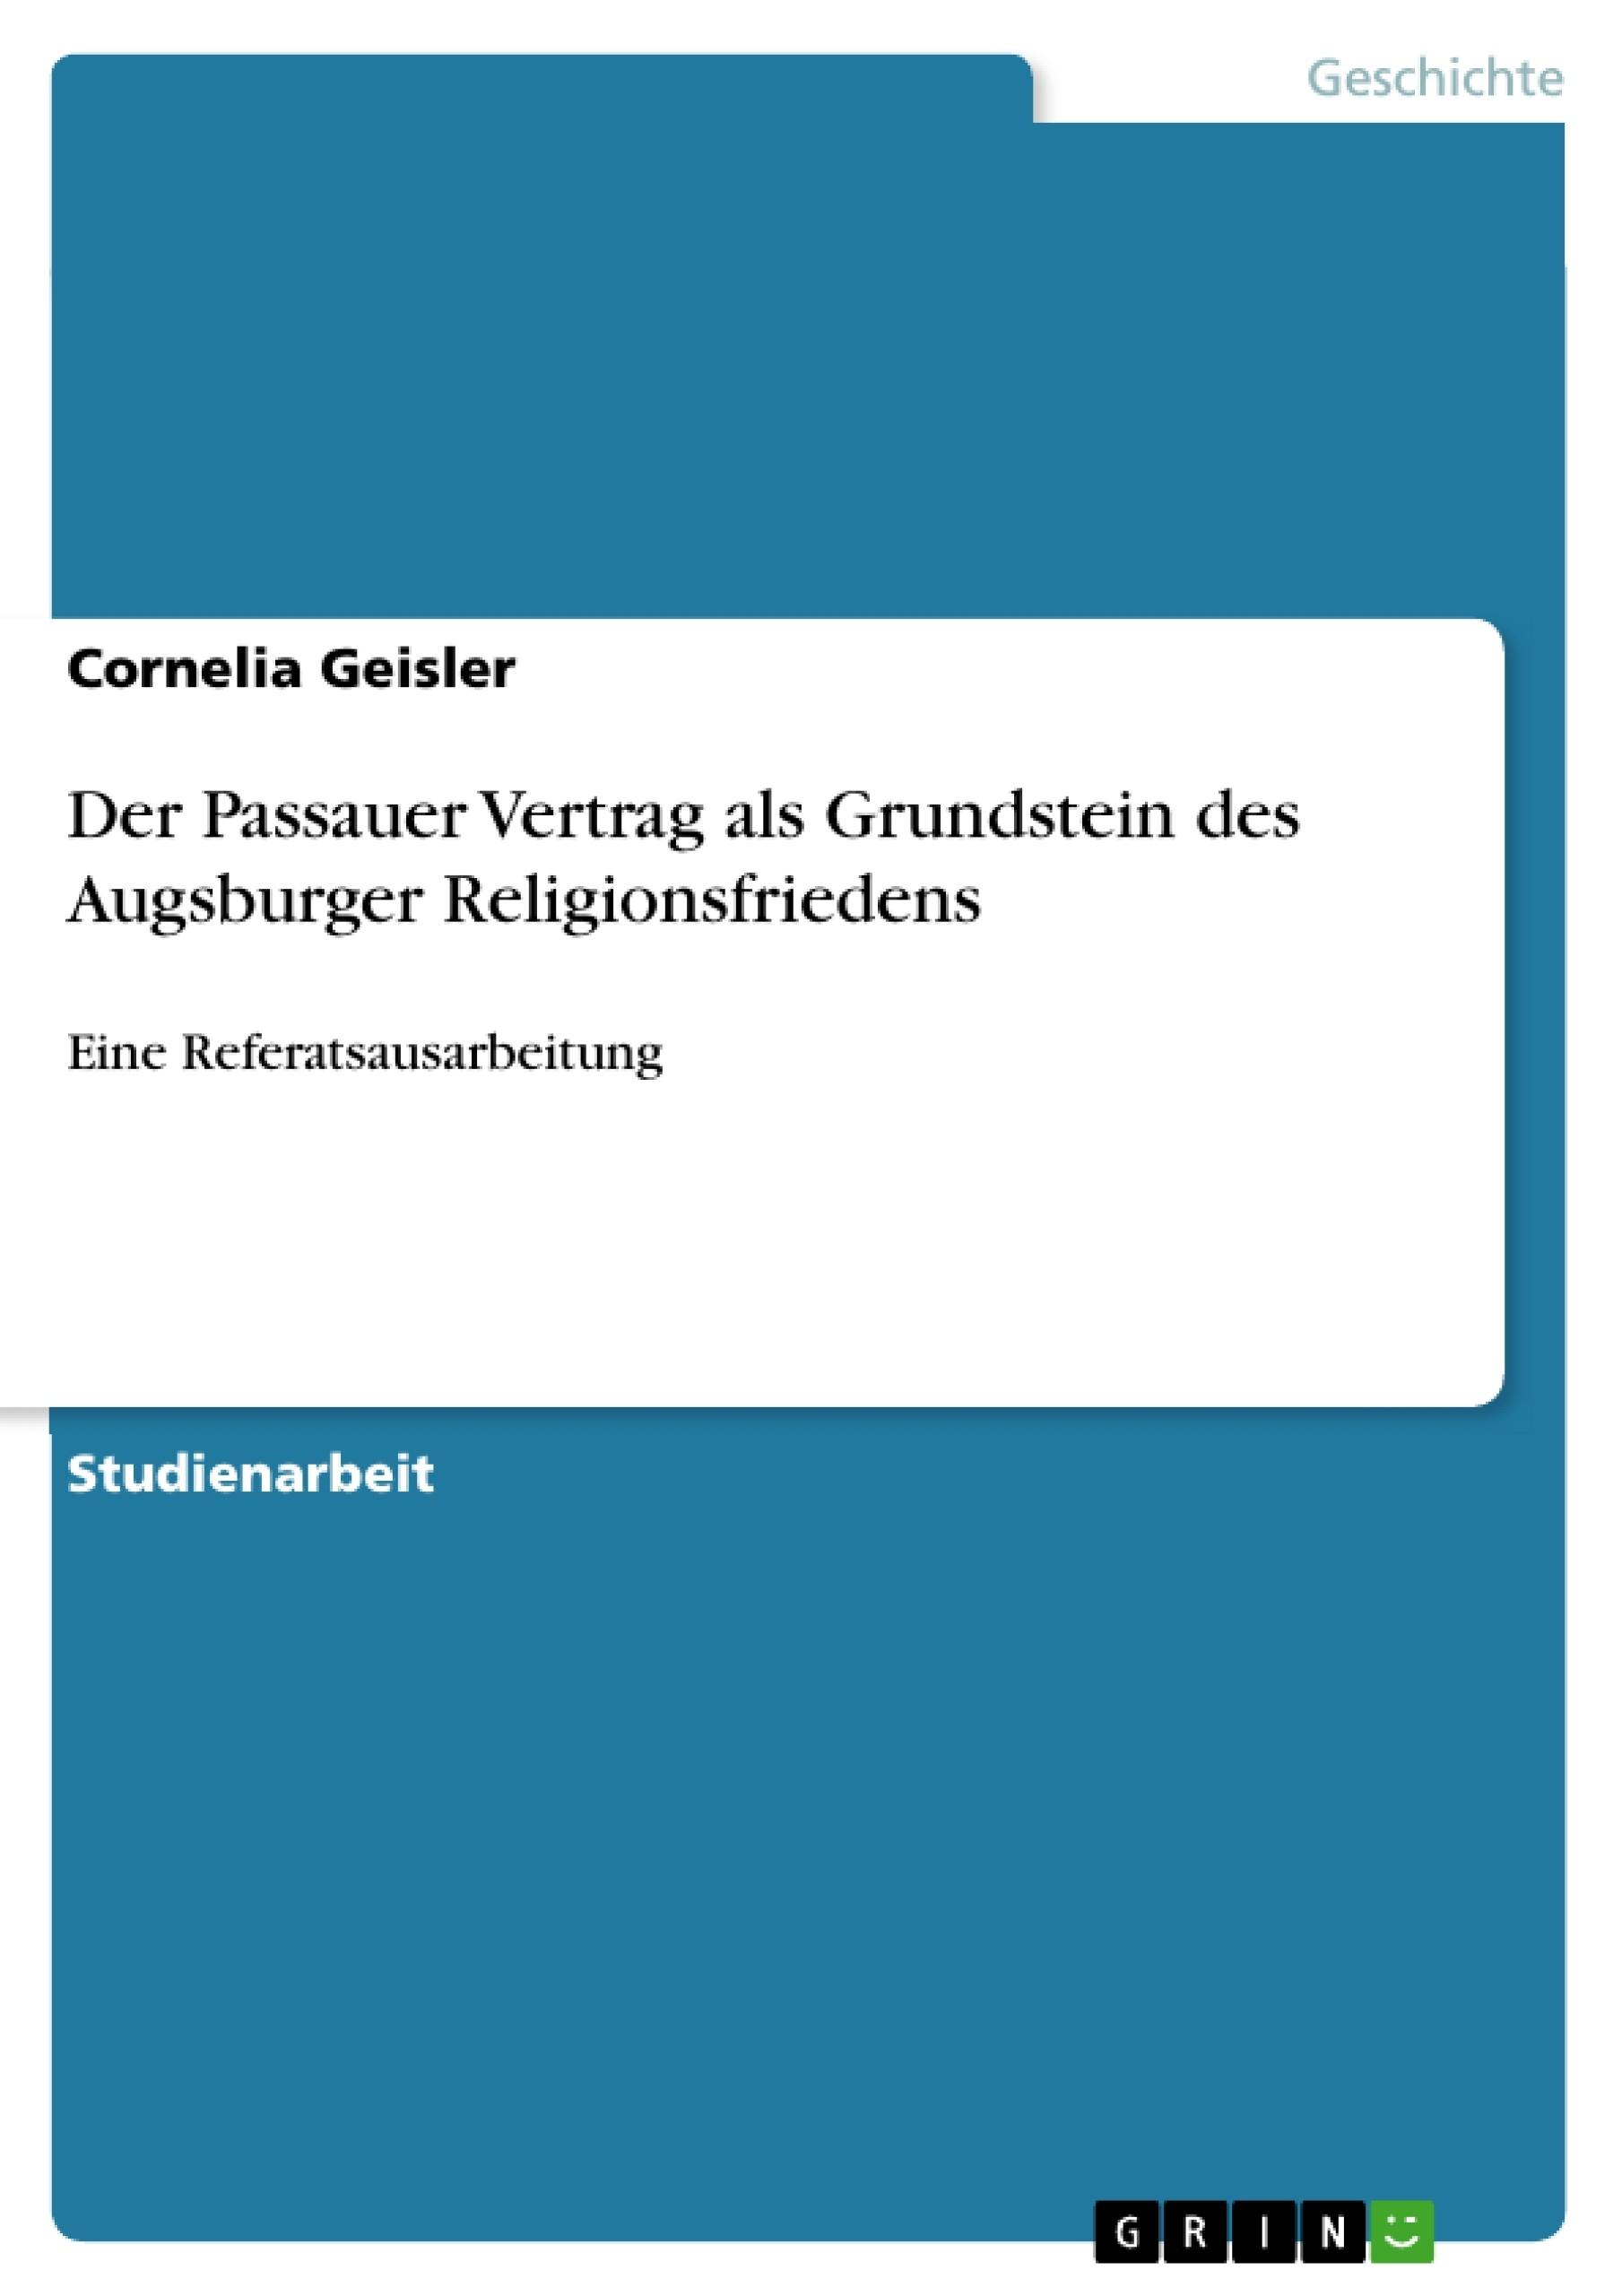 Titel: Der Passauer Vertrag als Grundstein des Augsburger Religionsfriedens